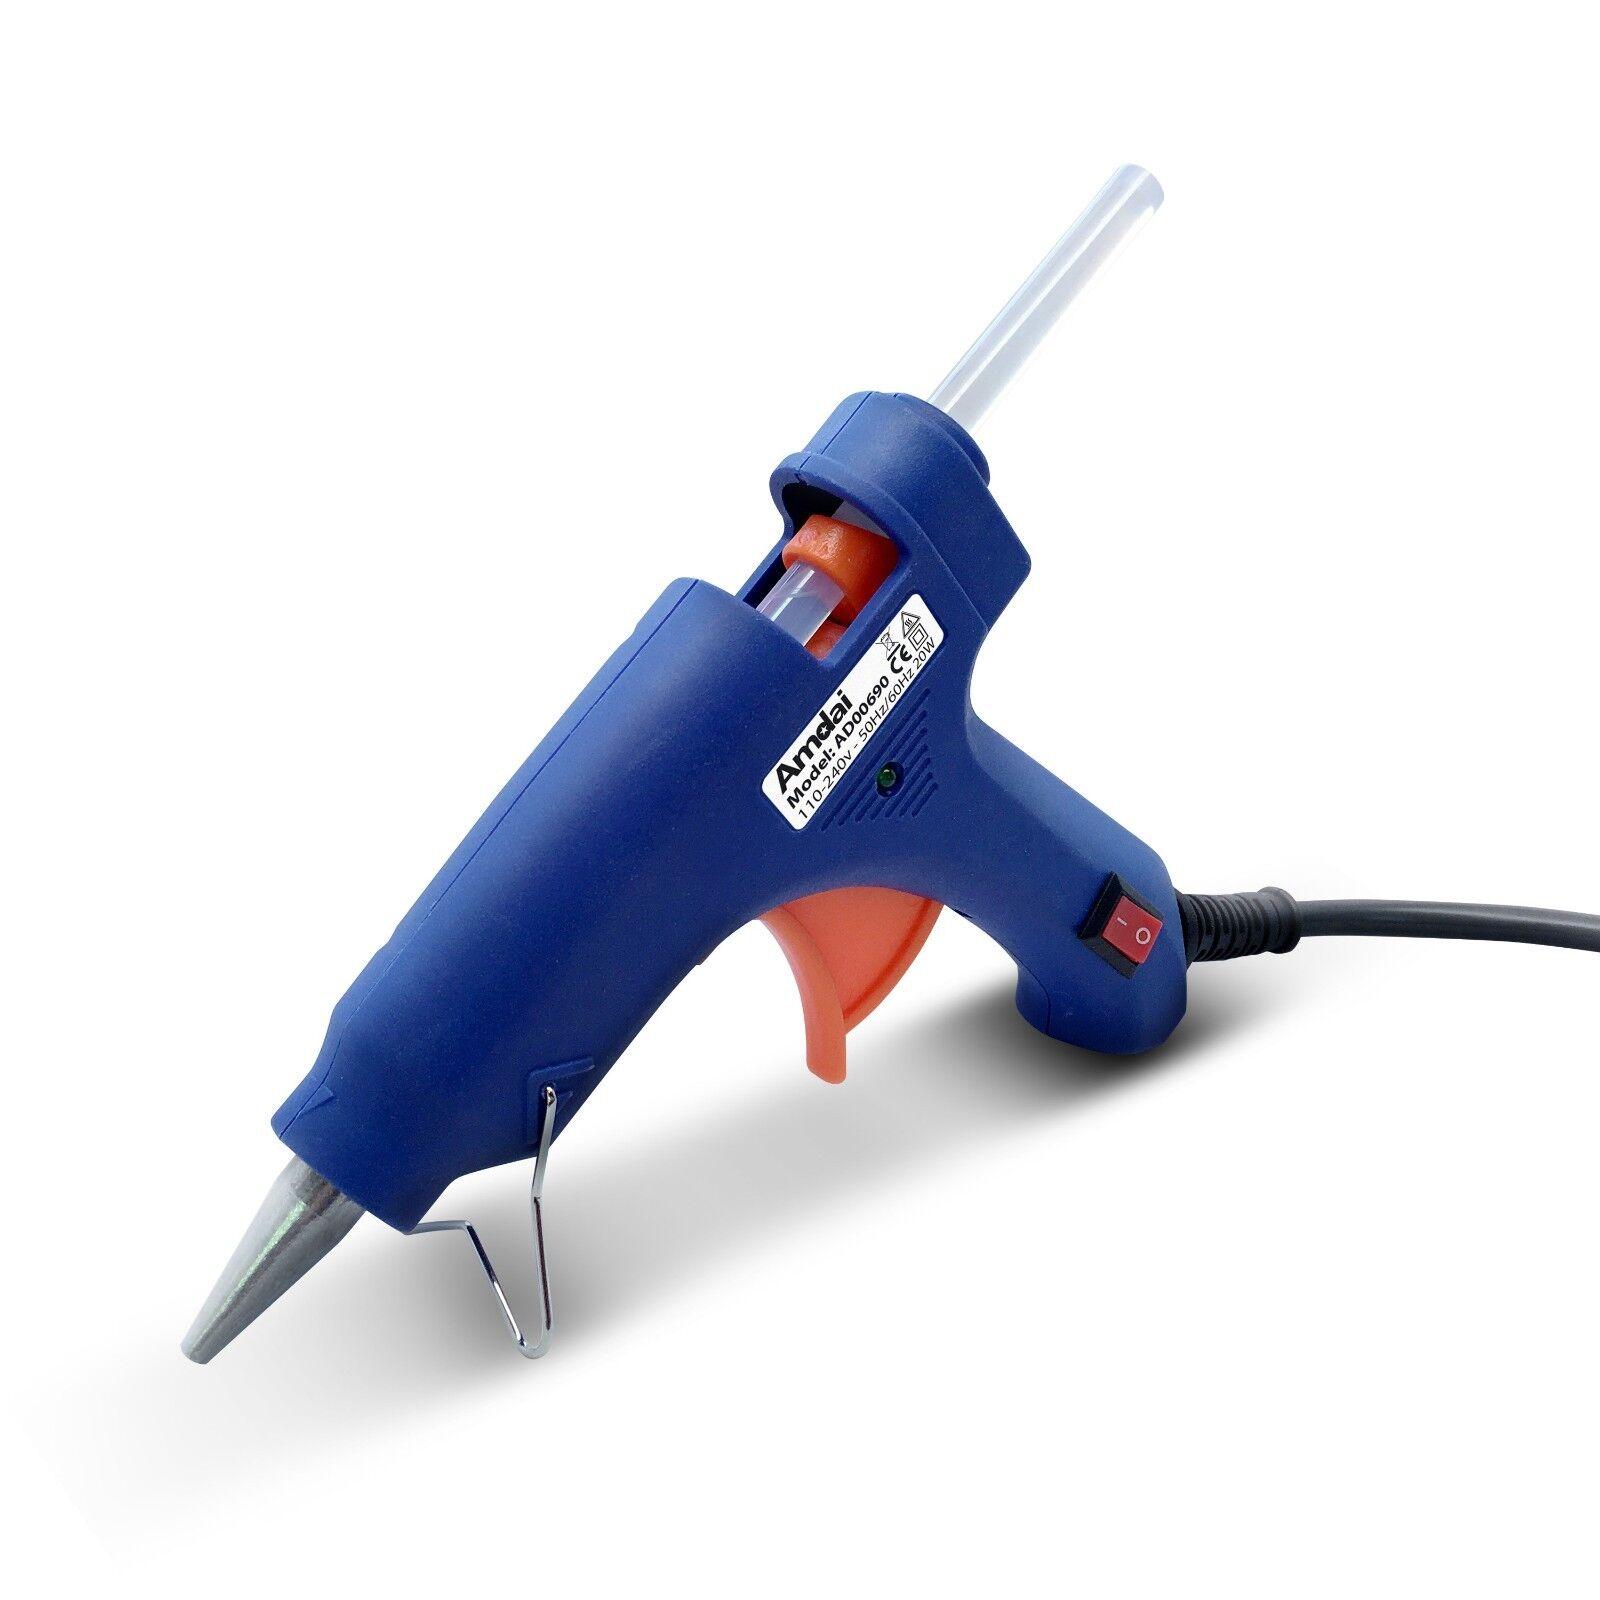 50-Pack Amdai AD00690 Hot Glue Gun and Glue Sticks Bundle 20W Glue Gun